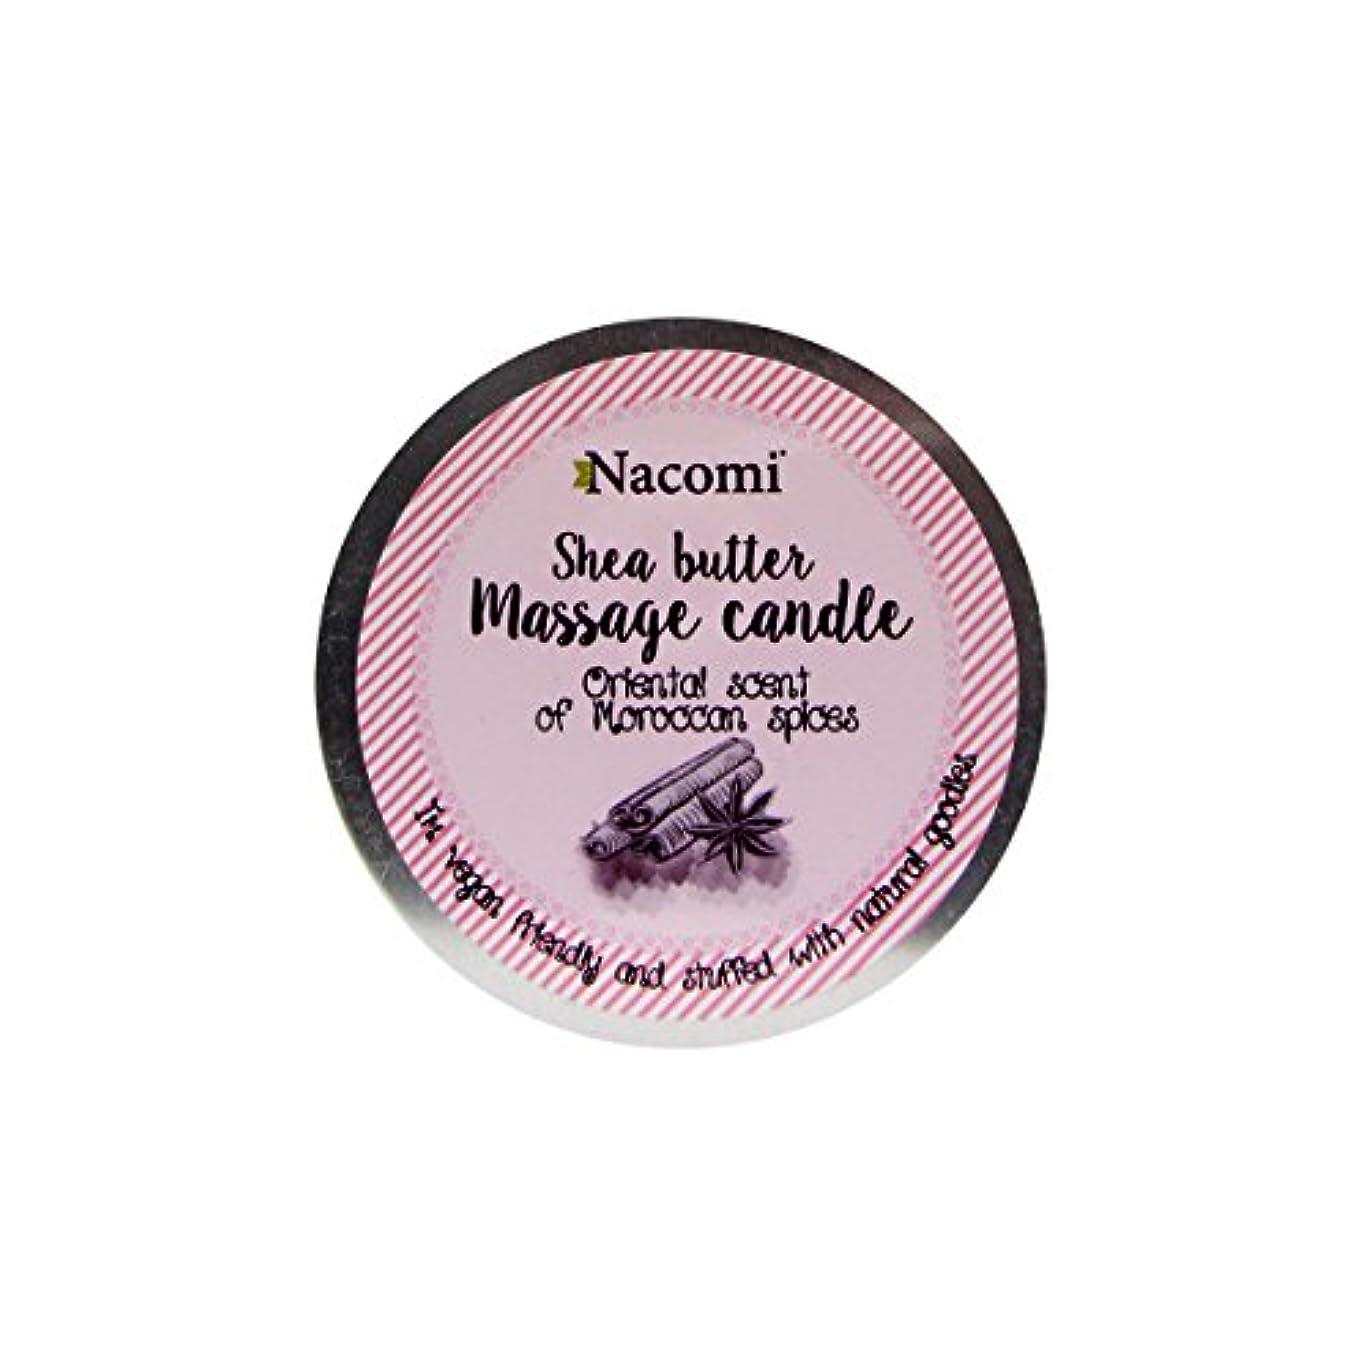 くすぐったい推定賞賛Nacomi Shea Butter Massage Candle Oriental Scent Of Moroccan Spices 150g [並行輸入品]